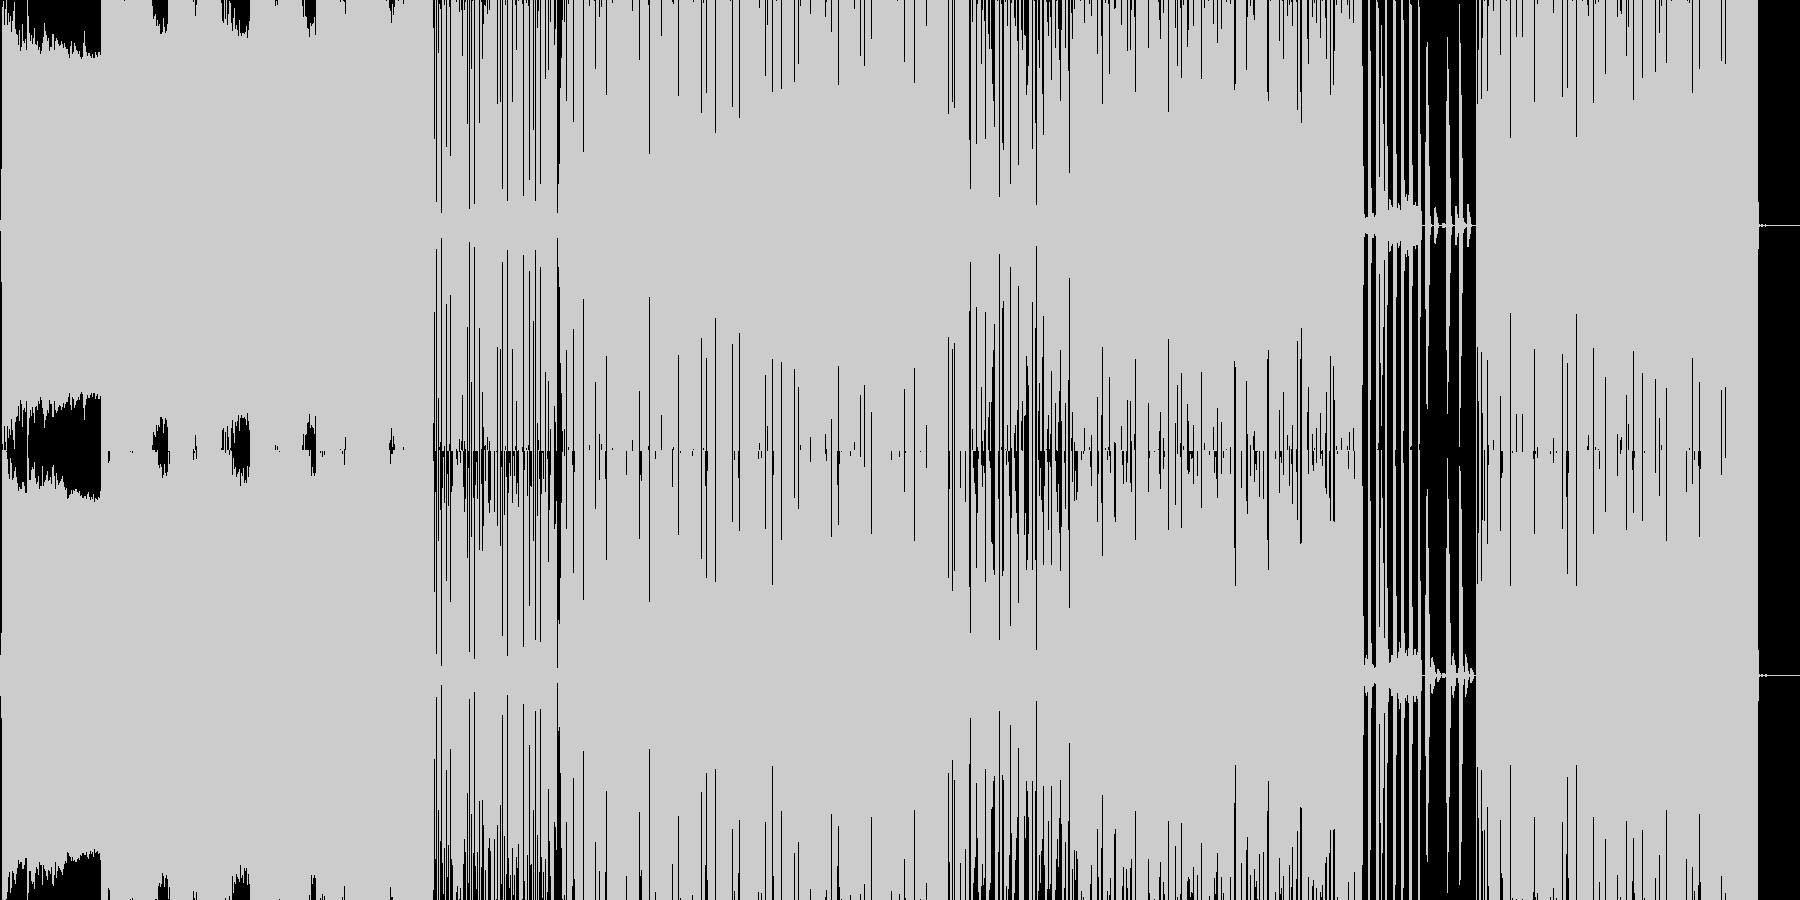 ドラムンベースを基調としたの未再生の波形